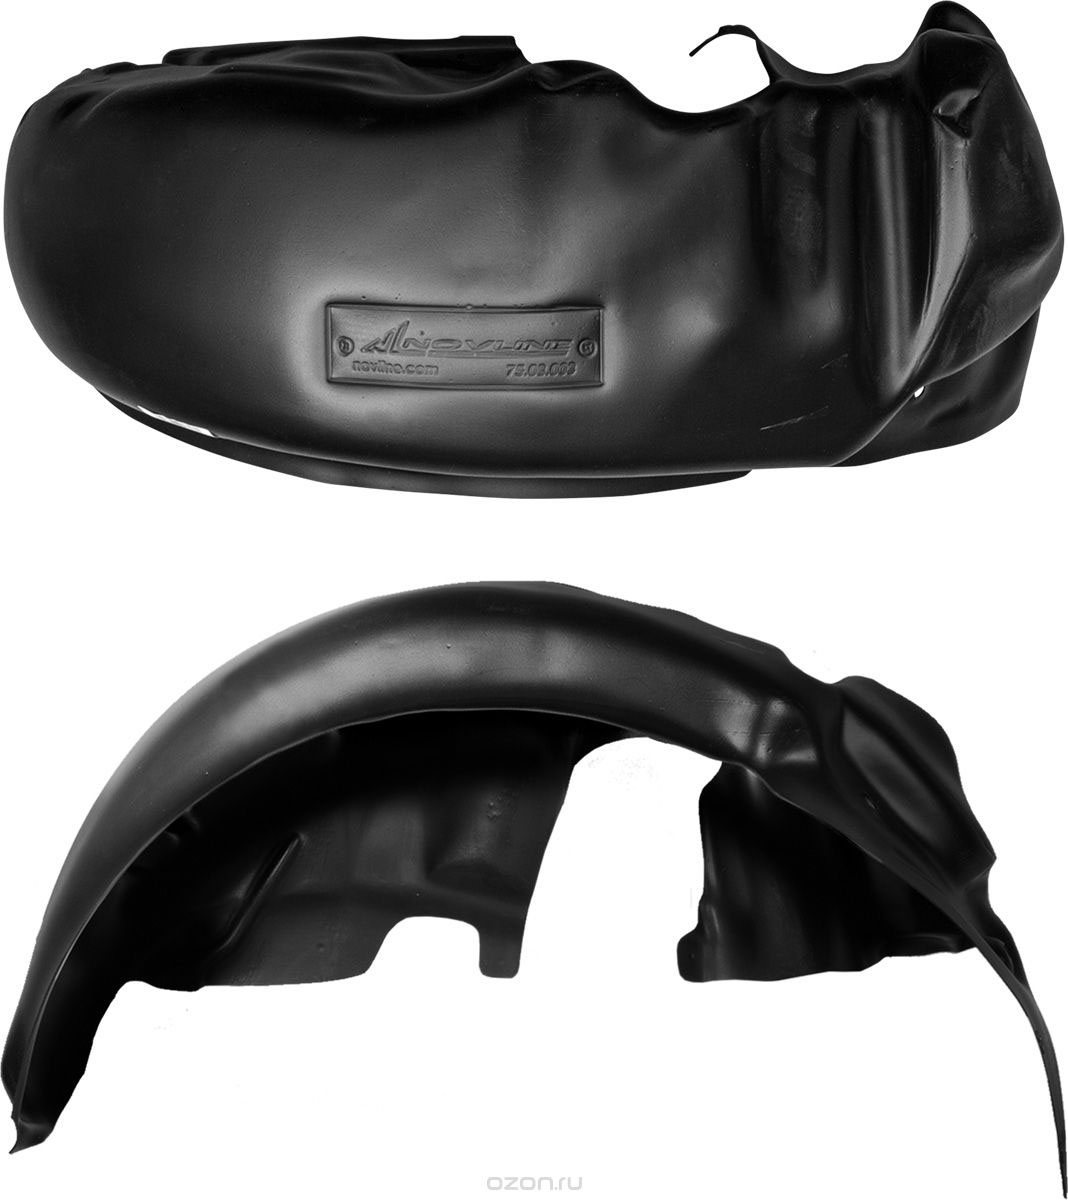 Подкрылок Novline-Autofamily, для Peugeot 4007, 2007-2012, задний правыйNLL.38.10.004Идеальная защита колесной ниши. Локеры разработаны с применением цифровых технологий, гарантируют максимальную повторяемость поверхности арки. Изделия устанавливаются без нарушения лакокрасочного покрытия автомобиля, каждый подкрылок комплектуется крепежом. Уважаемые клиенты, обращаем ваше внимание, что фотографии на подкрылки универсальные и не отражают реальную форму изделия. При этом само изделие идет точно под размер указанного автомобиля.